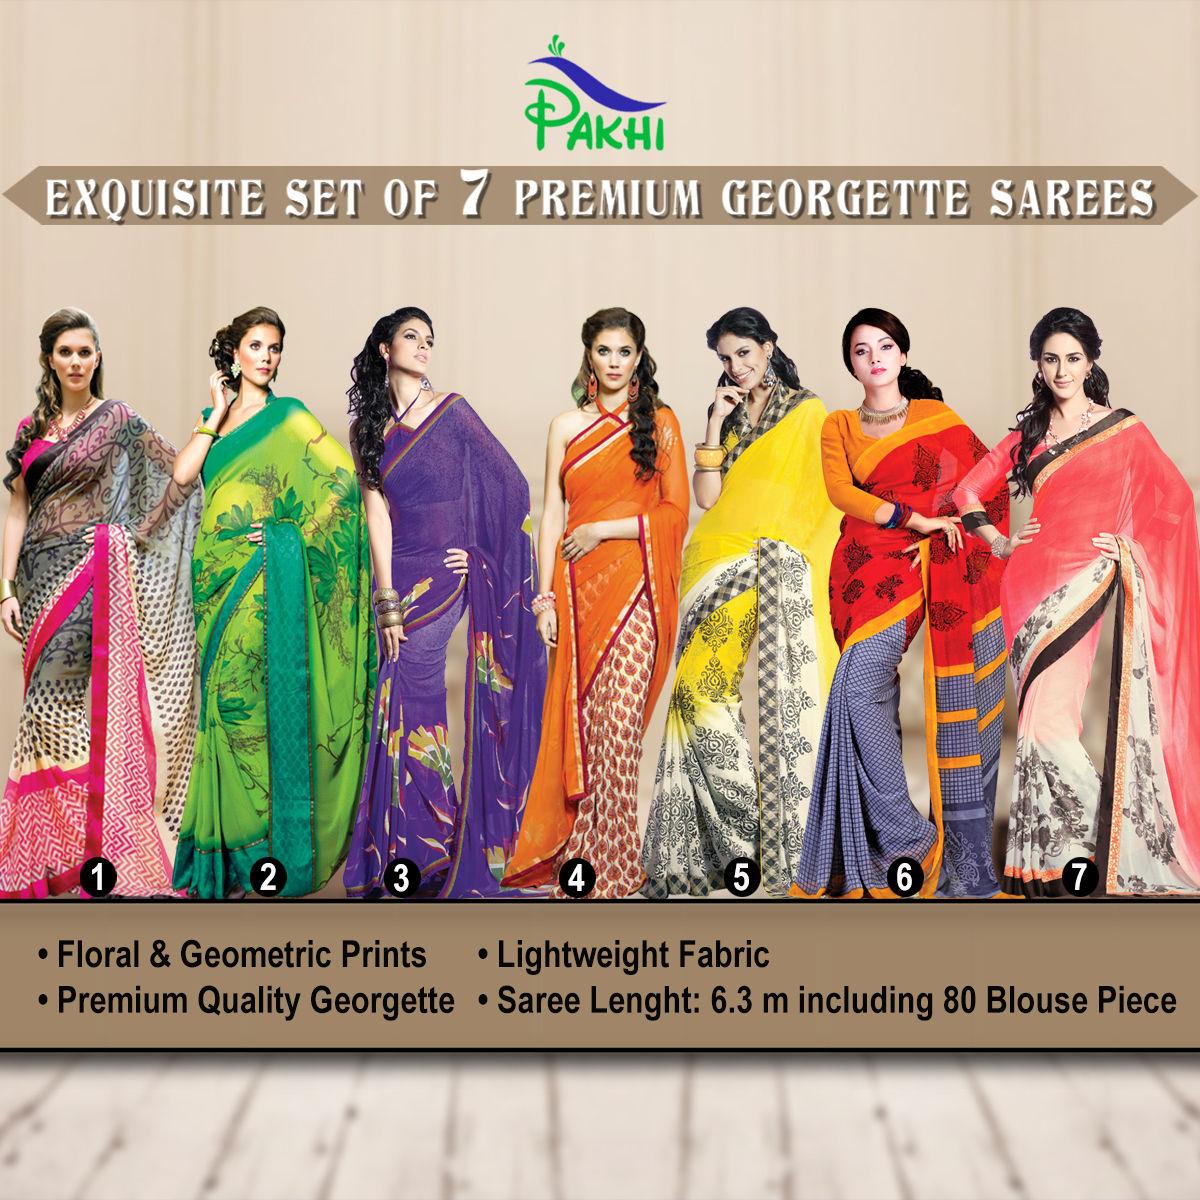 7d1494b9879f3 Buy Exquisite Set of 7 Premium Georgette Sarees (7G16) Online at Best Price  in India on Naaptol.com